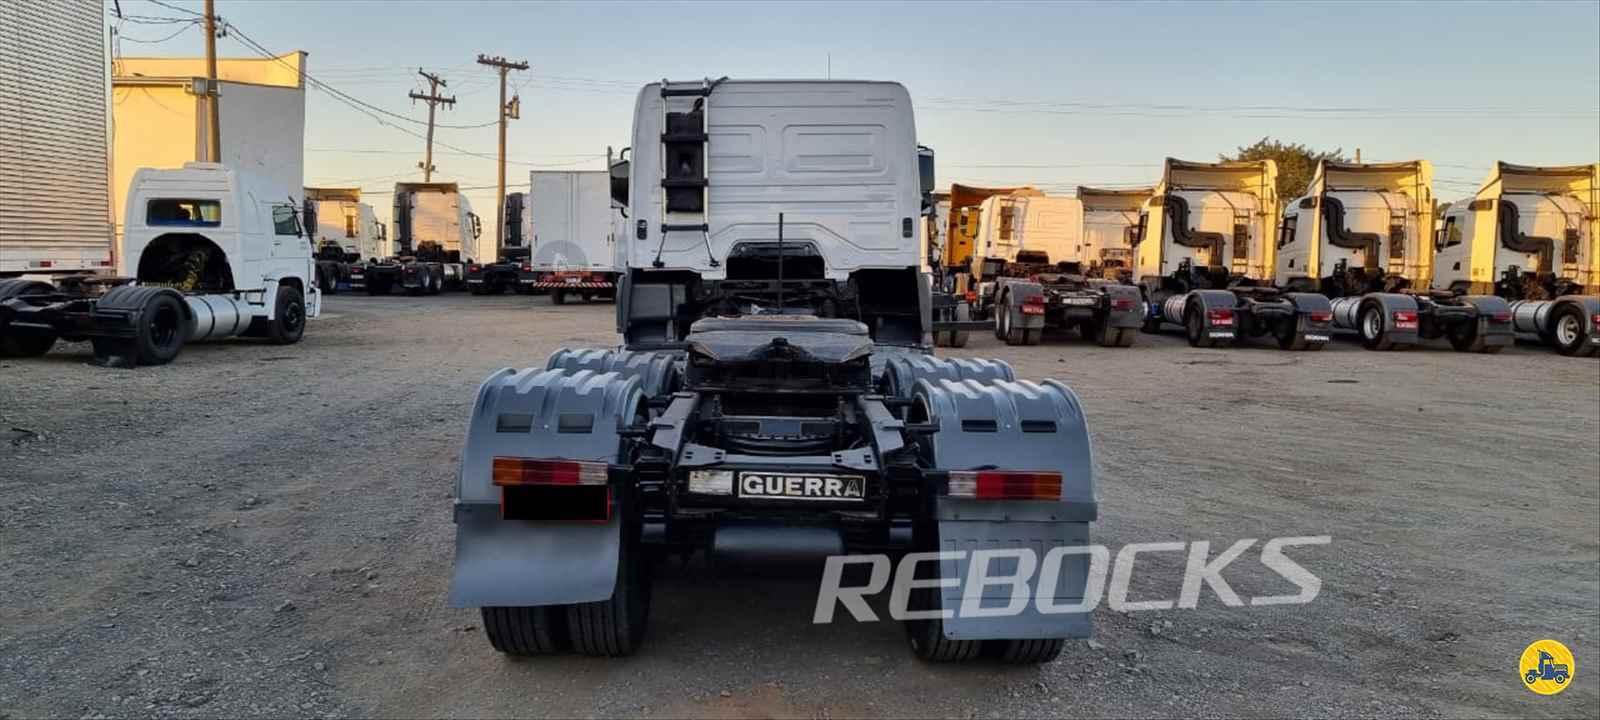 CAMINHAO MERCEDES-BENZ MB 2035 Cavalo Mecânico Truck 6x2 Rebocks LIMEIRA SÃO PAULO SP